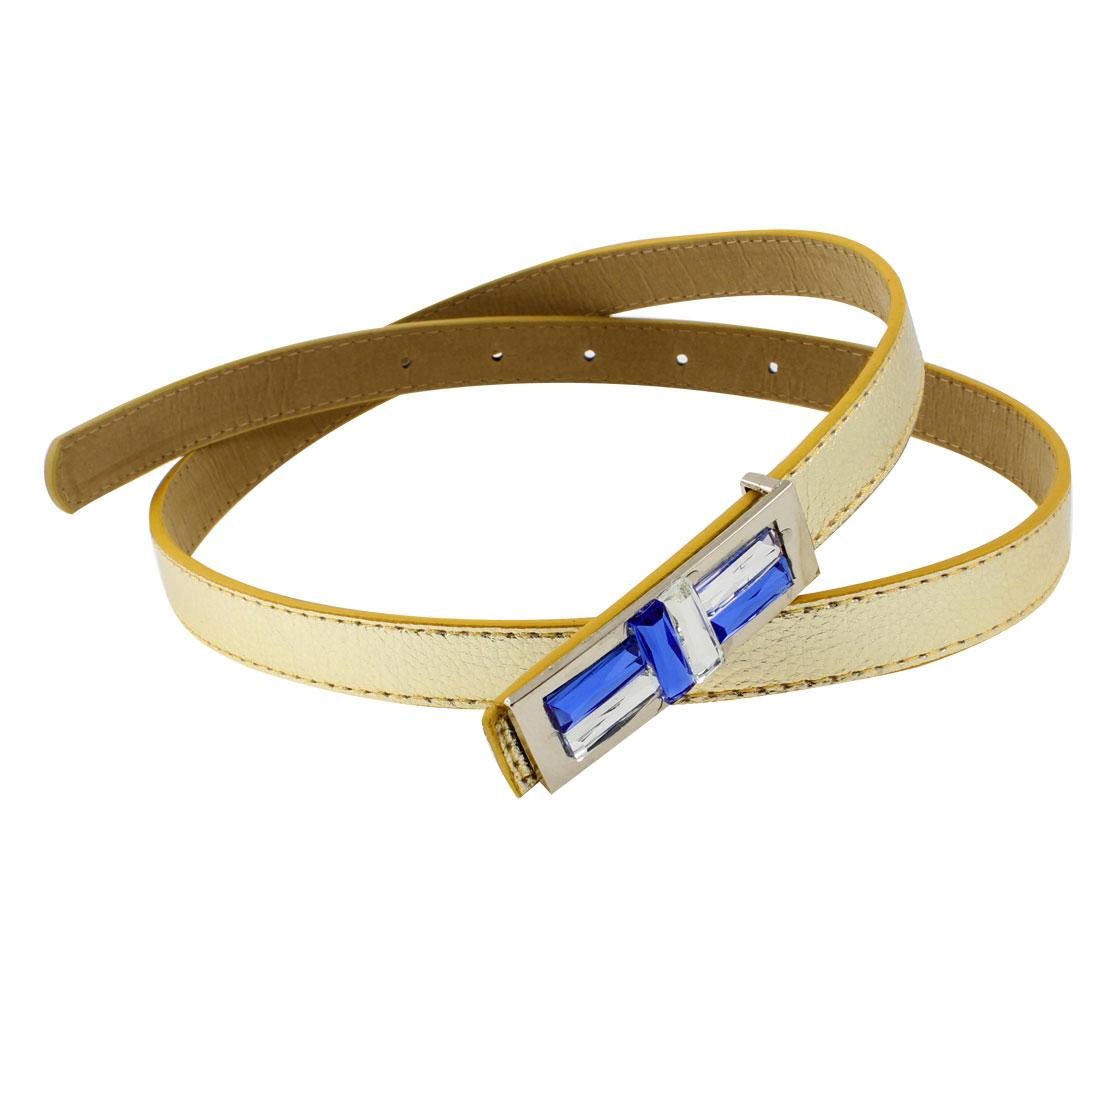 Woman Clothes Pants Decor Metal Press Buckle Faux Leather Waist Belt Gold Tone